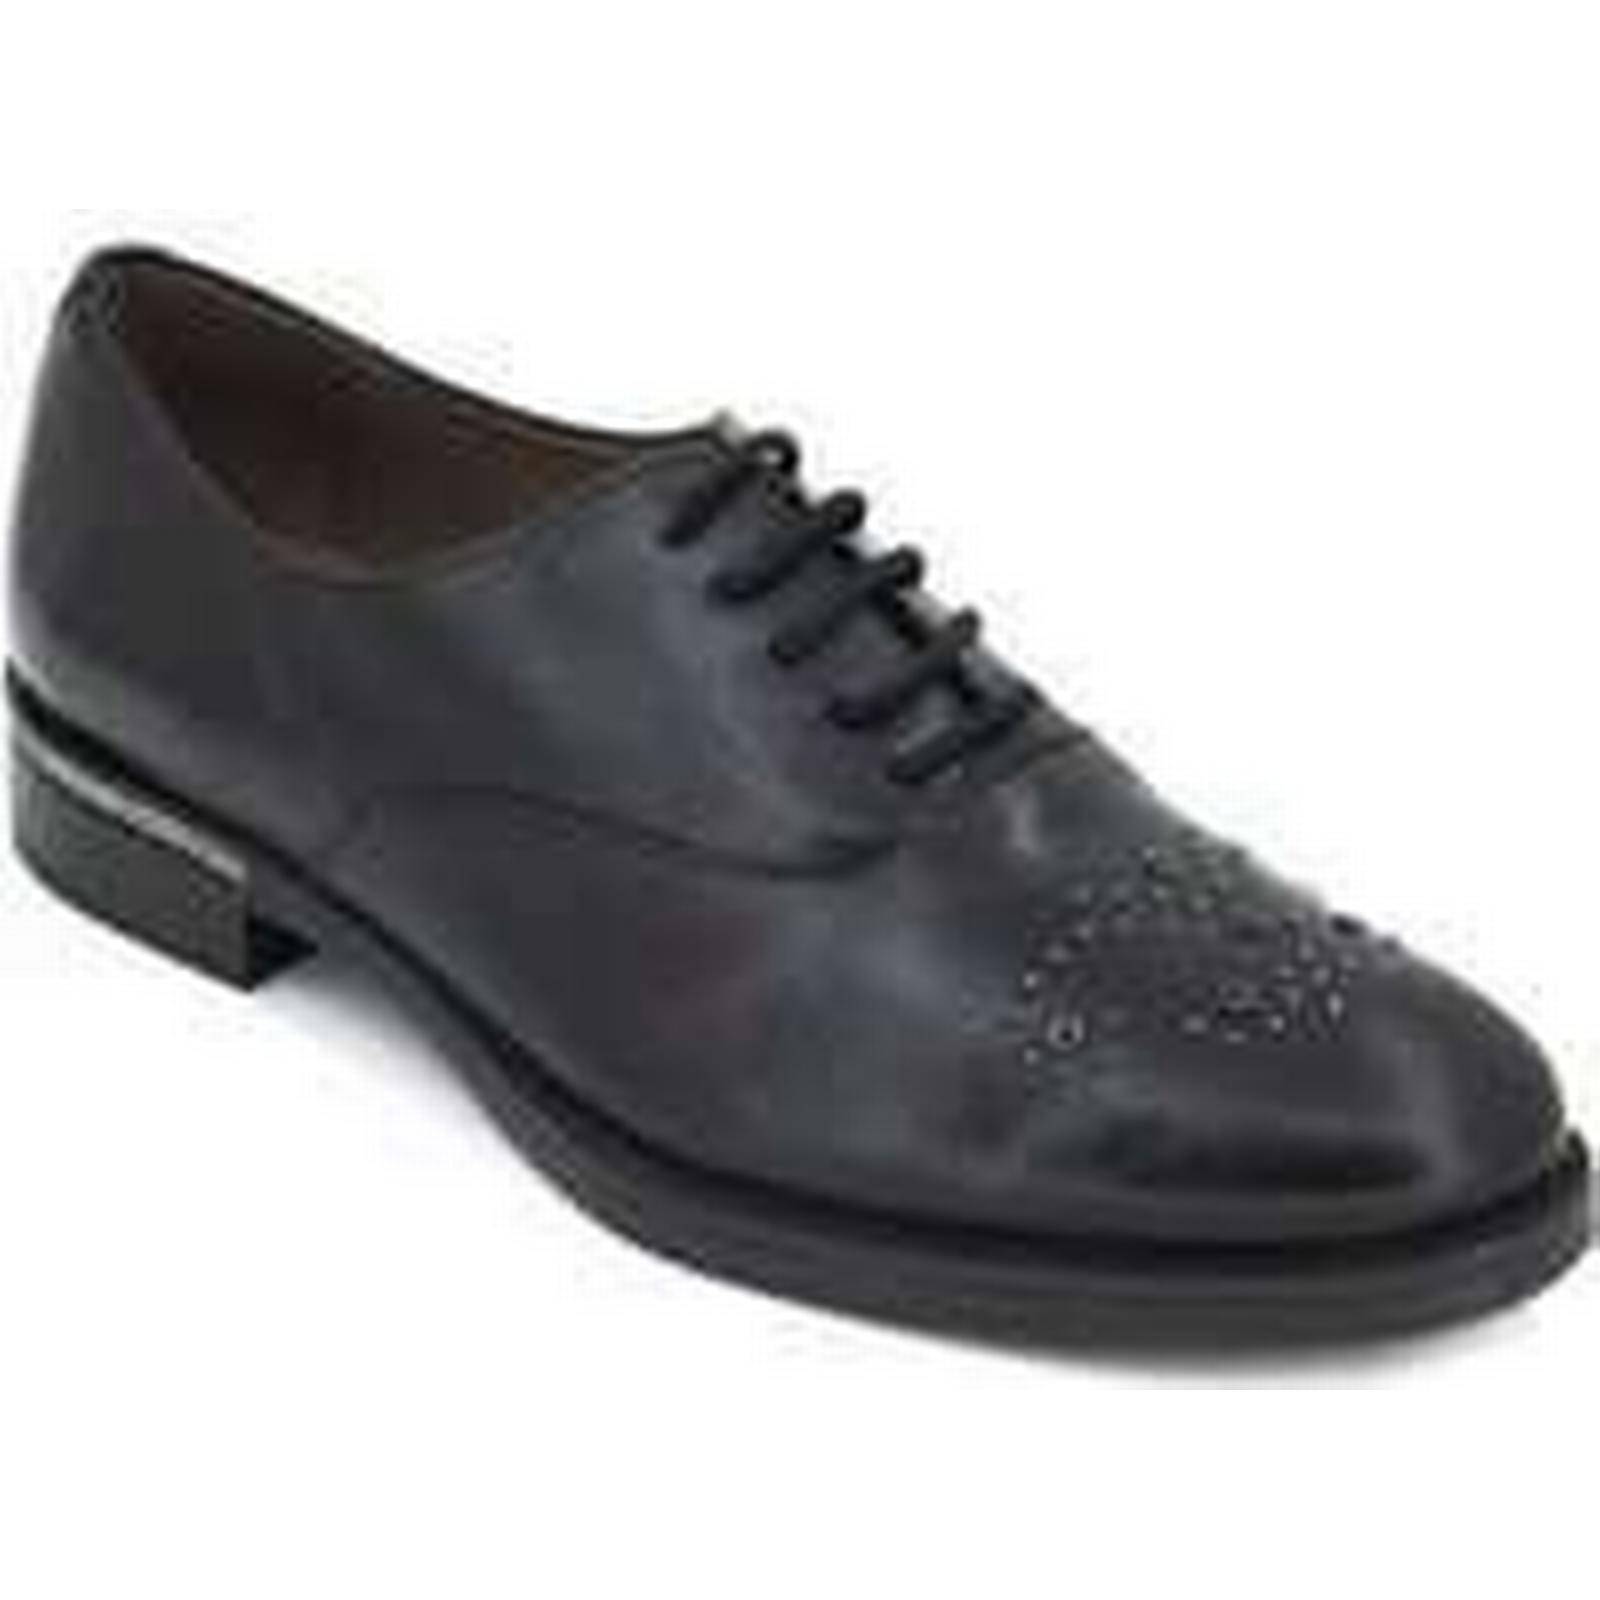 spartoo.co.uk merveilles femmes chaussures oxford a- femmes r & #  ; r femmes / formels de chaussures en noir 9a7d61